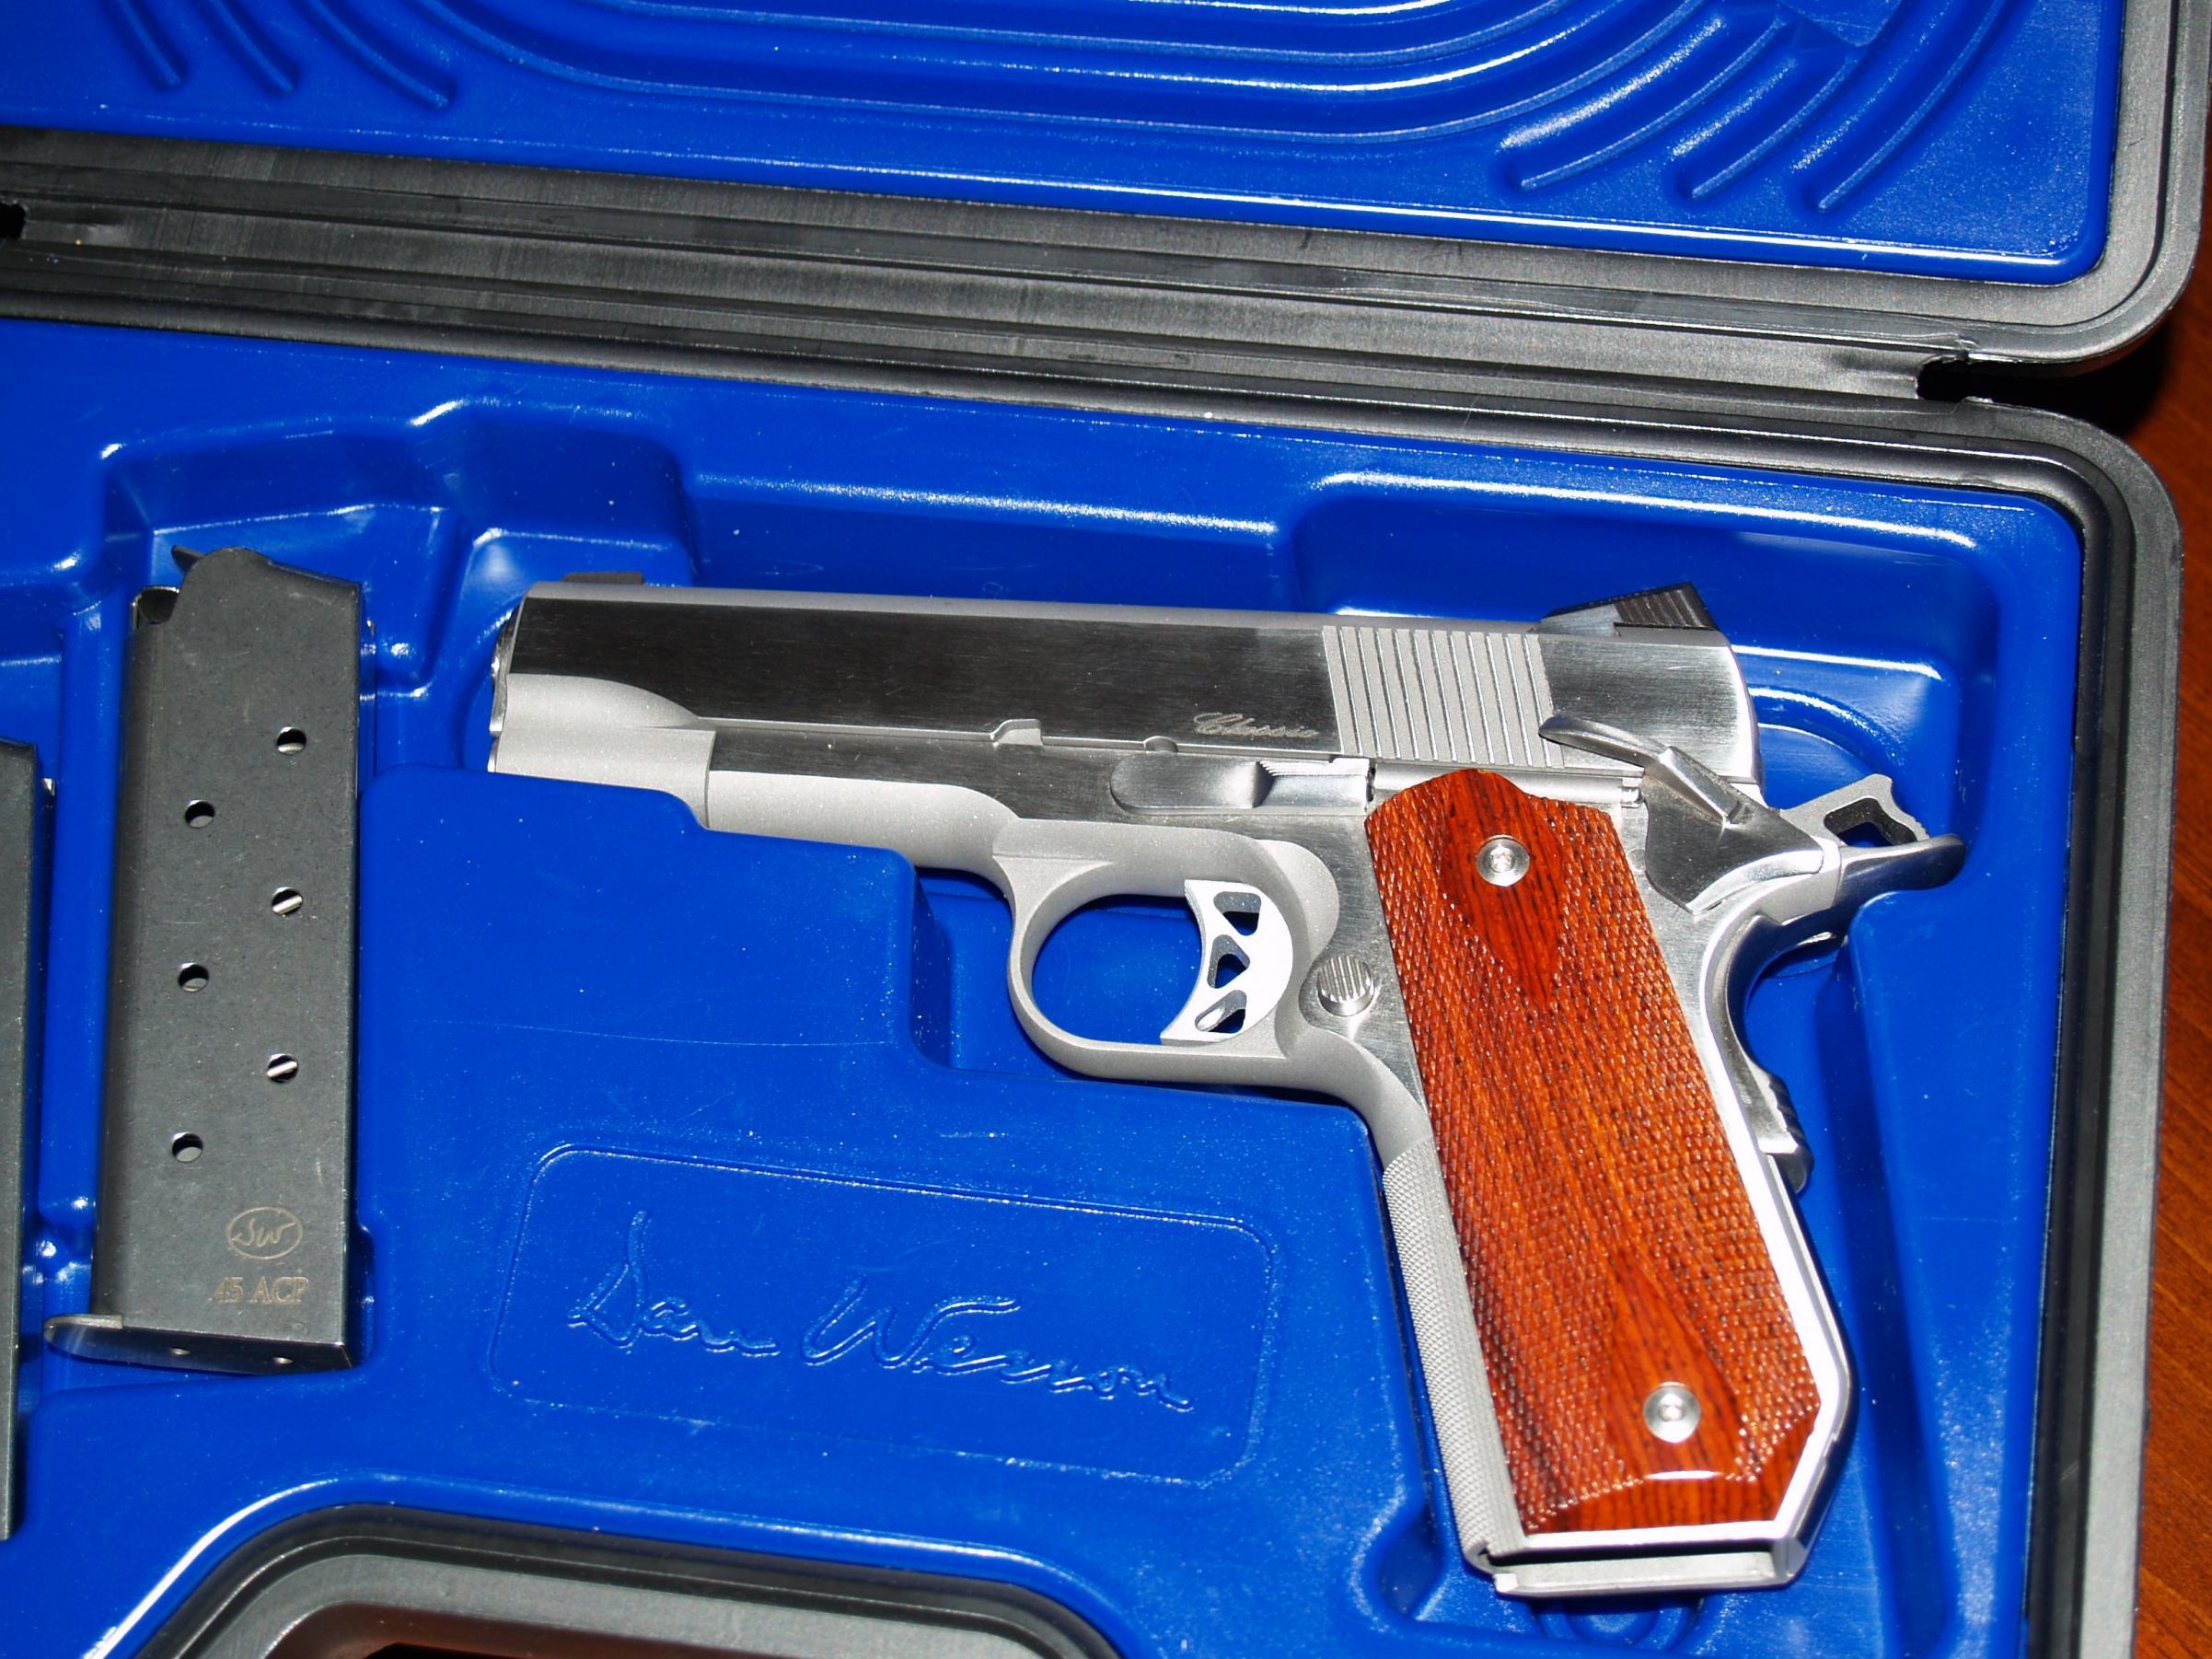 Best-looking gun in your stable:  pics-005.jpg